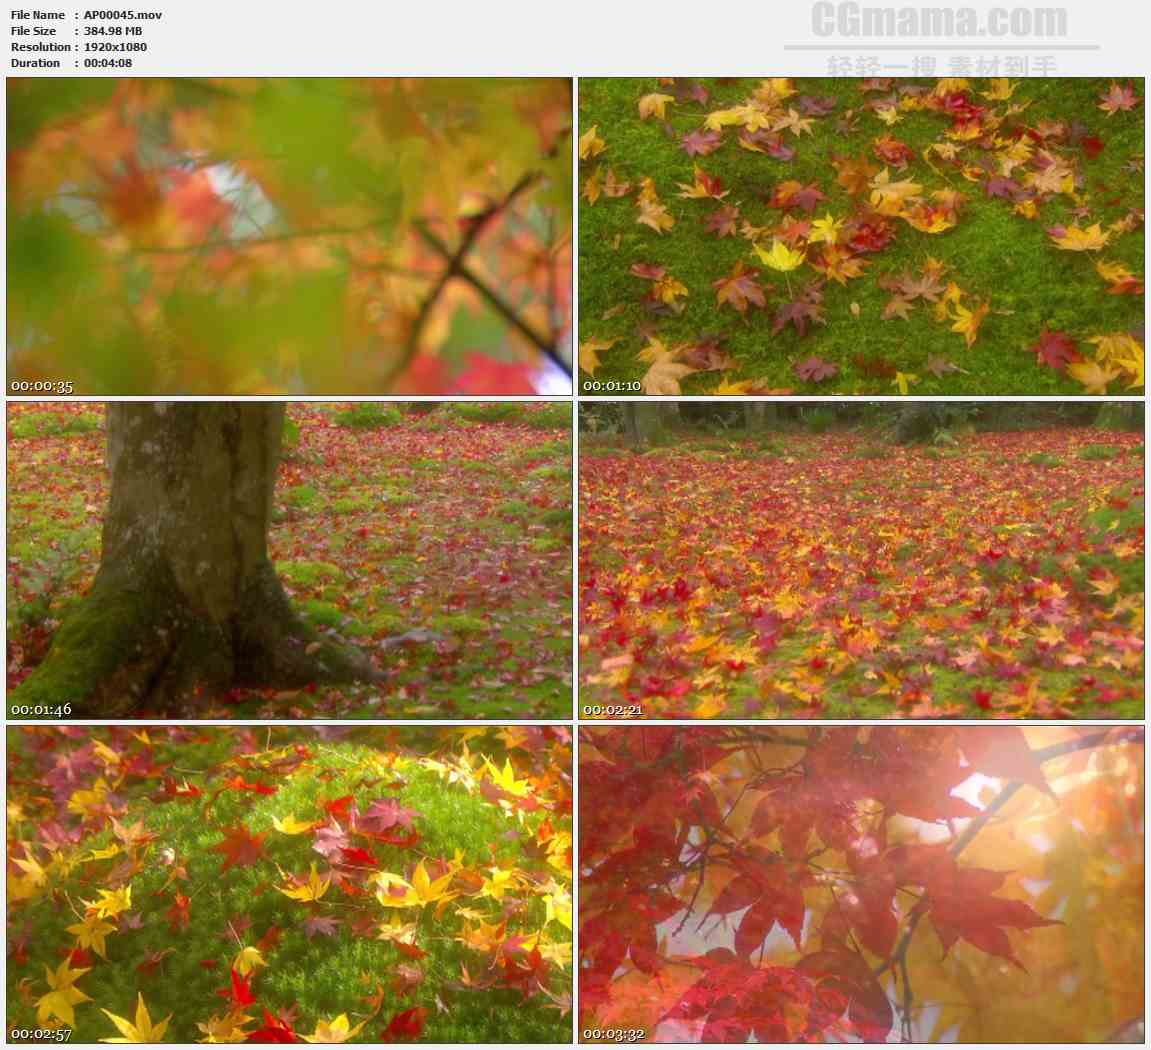 AP00045-梦幻红色枫叶高清实拍视频素材